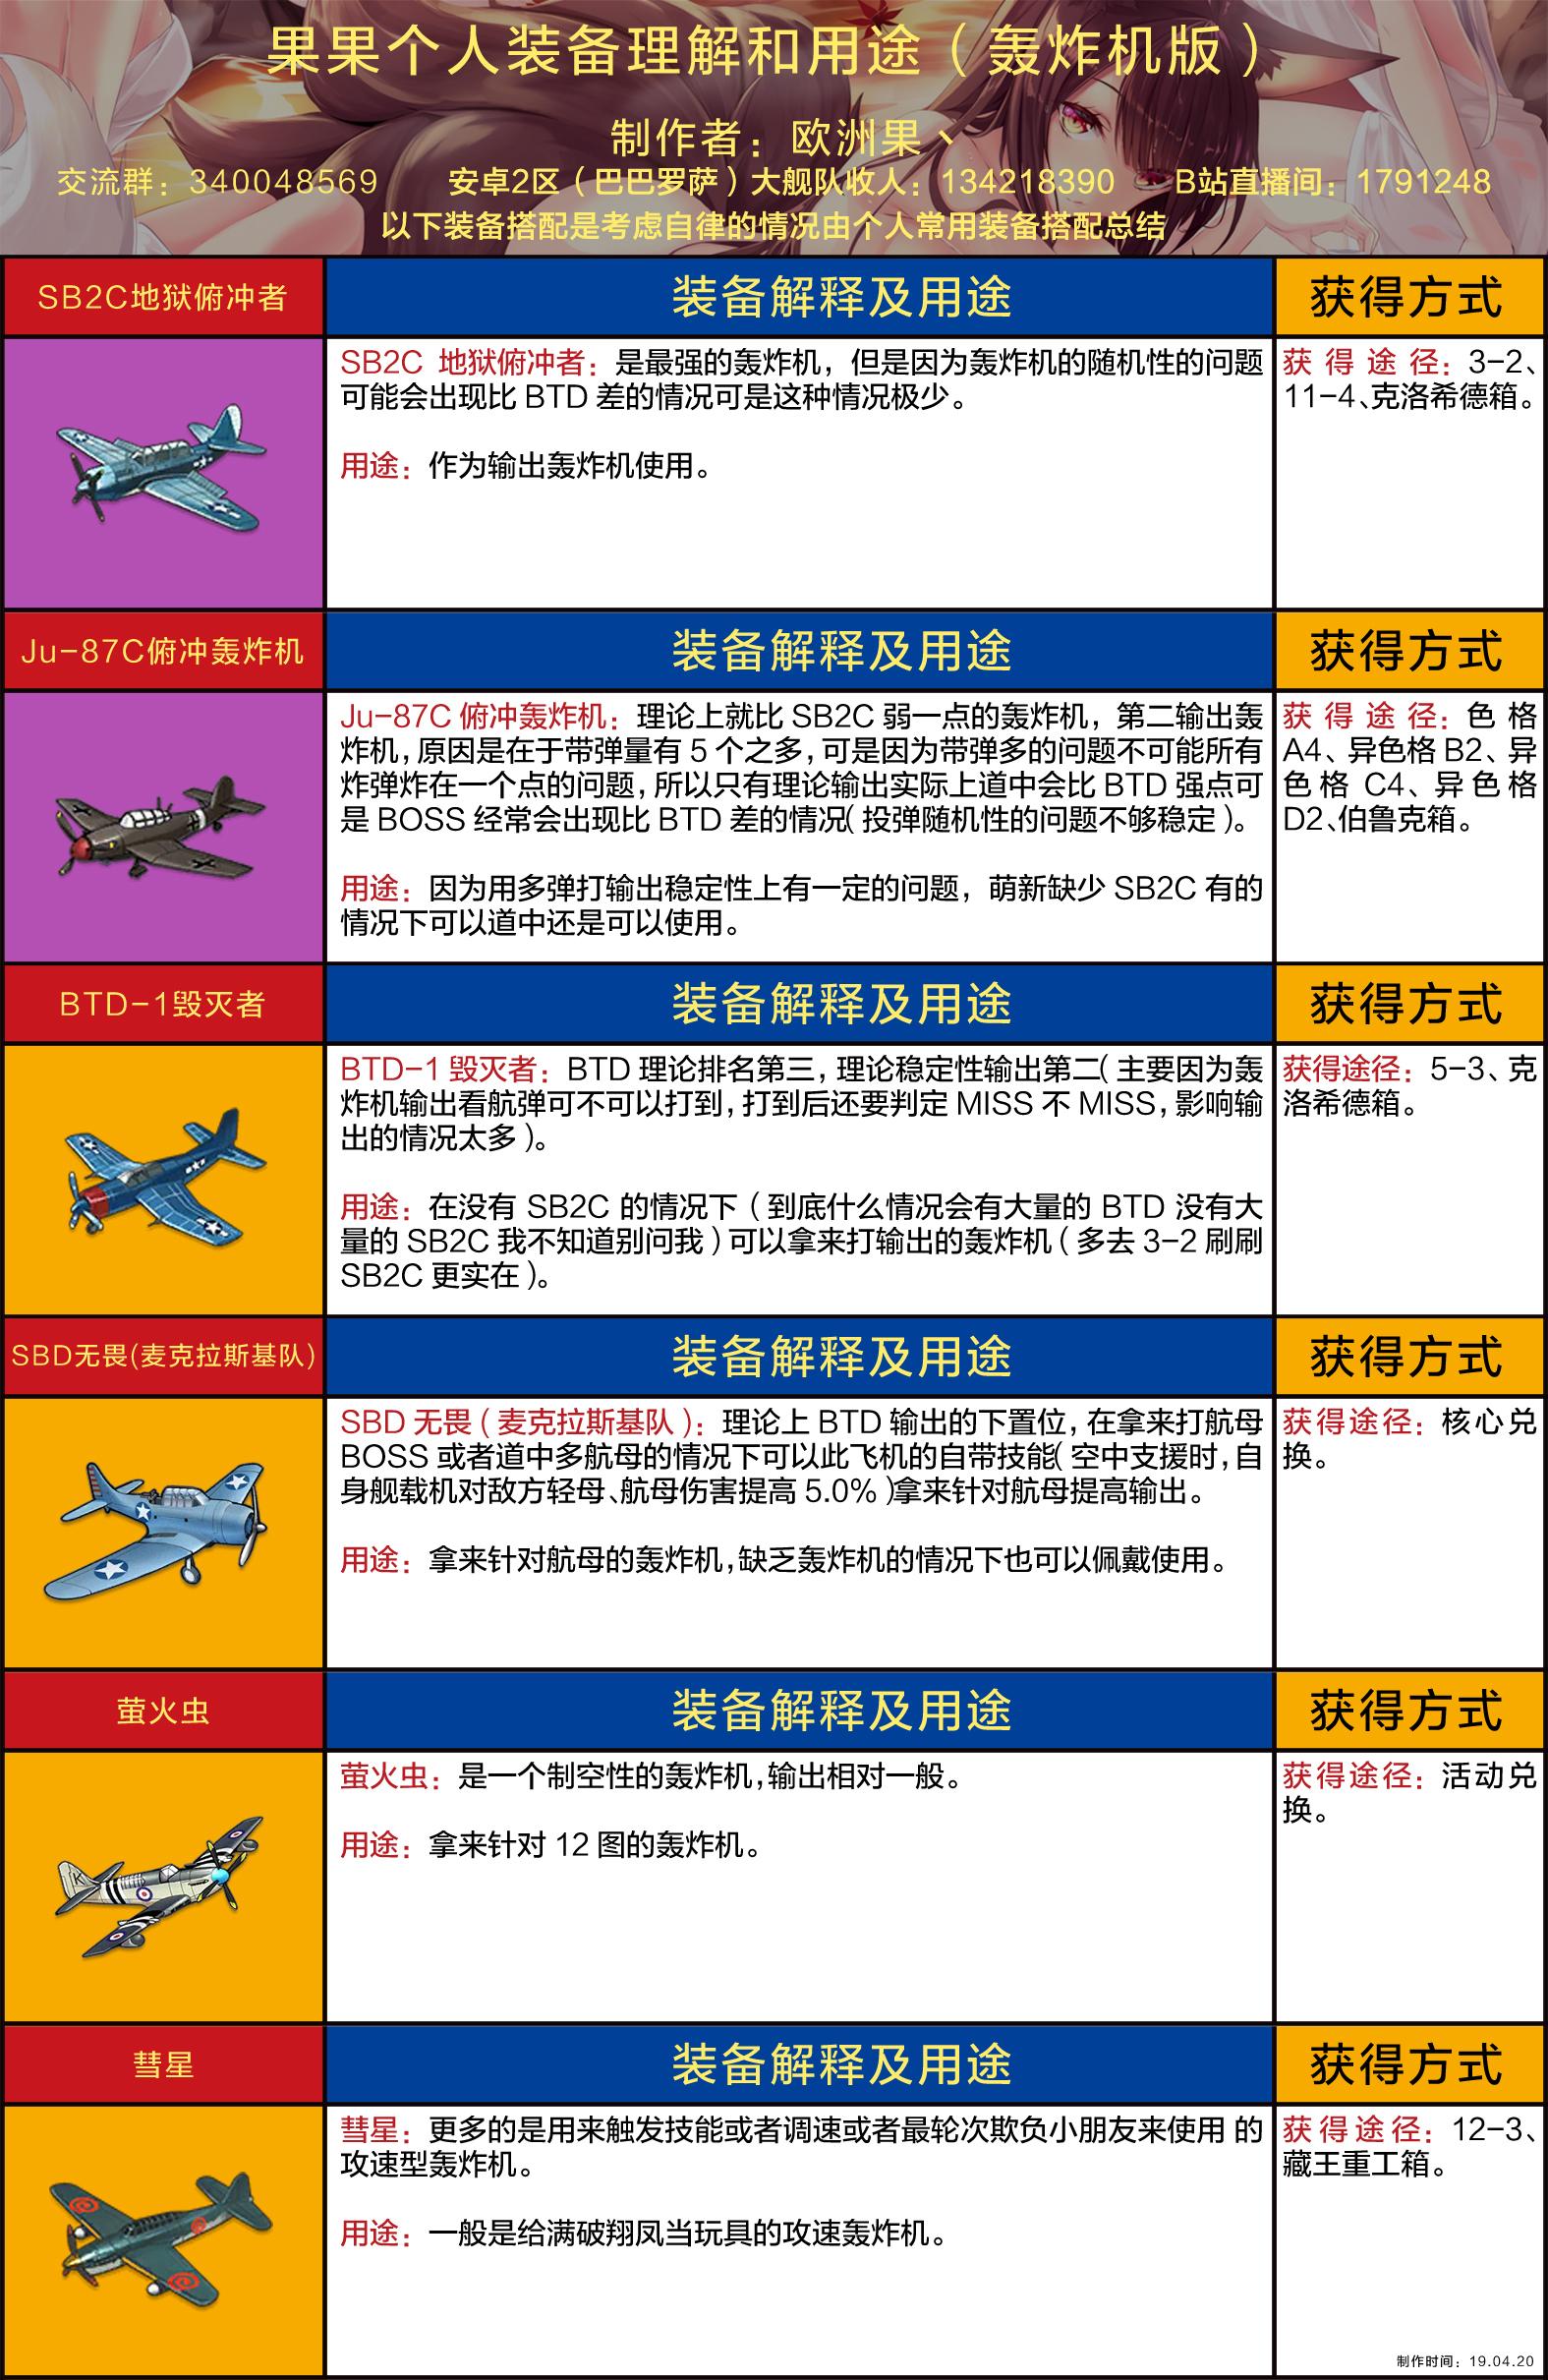 果果个人装备理解和用途(轰炸机版wiki).jpg